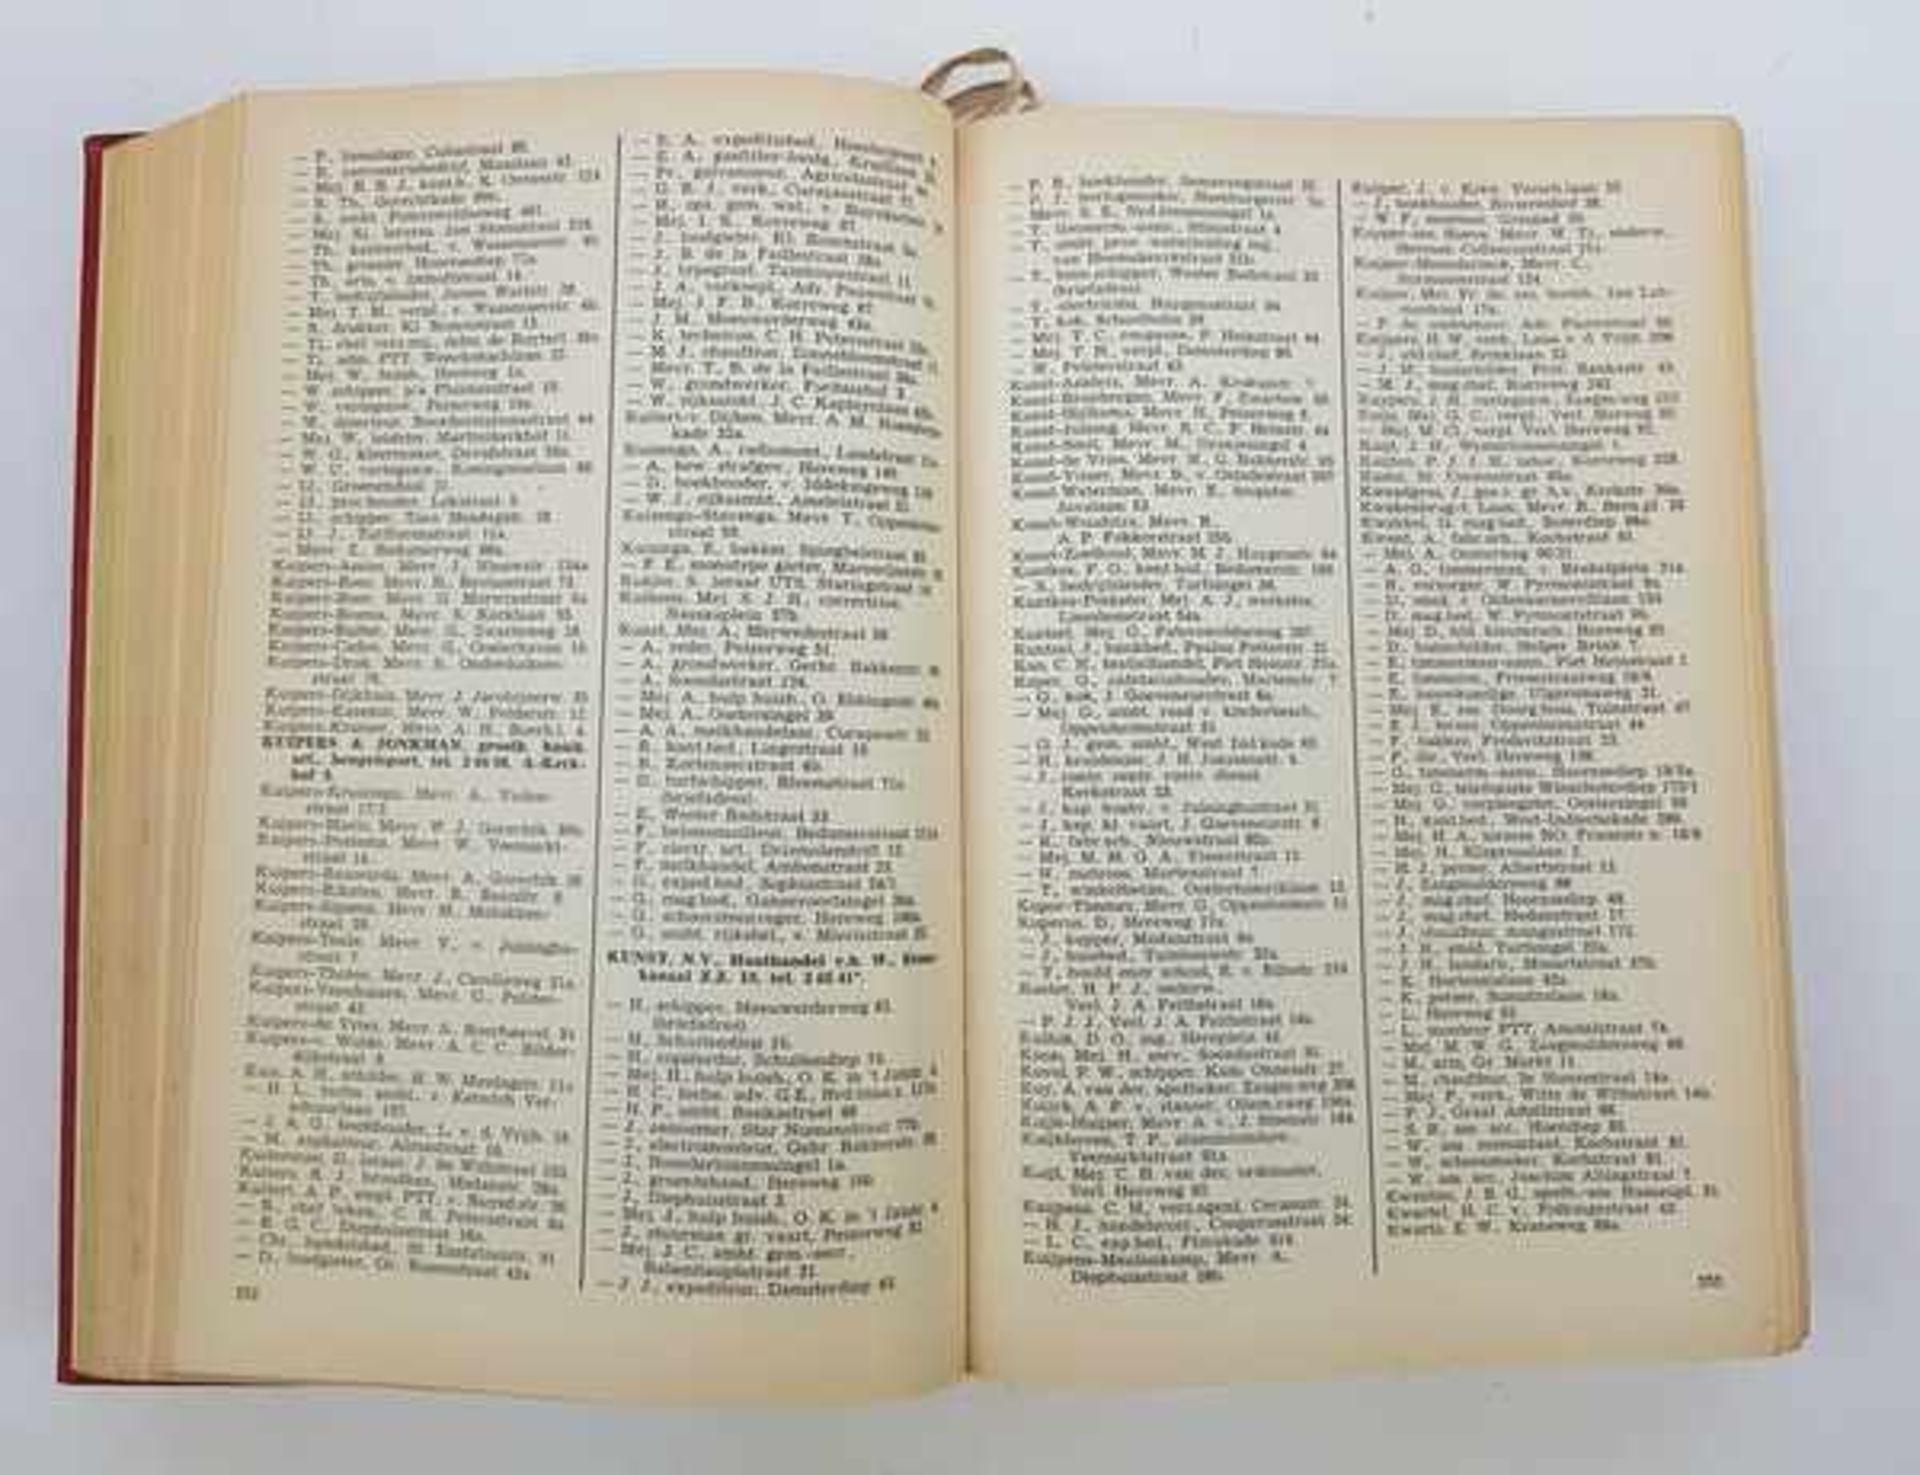 (Boeken) Groninger adresboek 1964 - Bild 4 aus 6